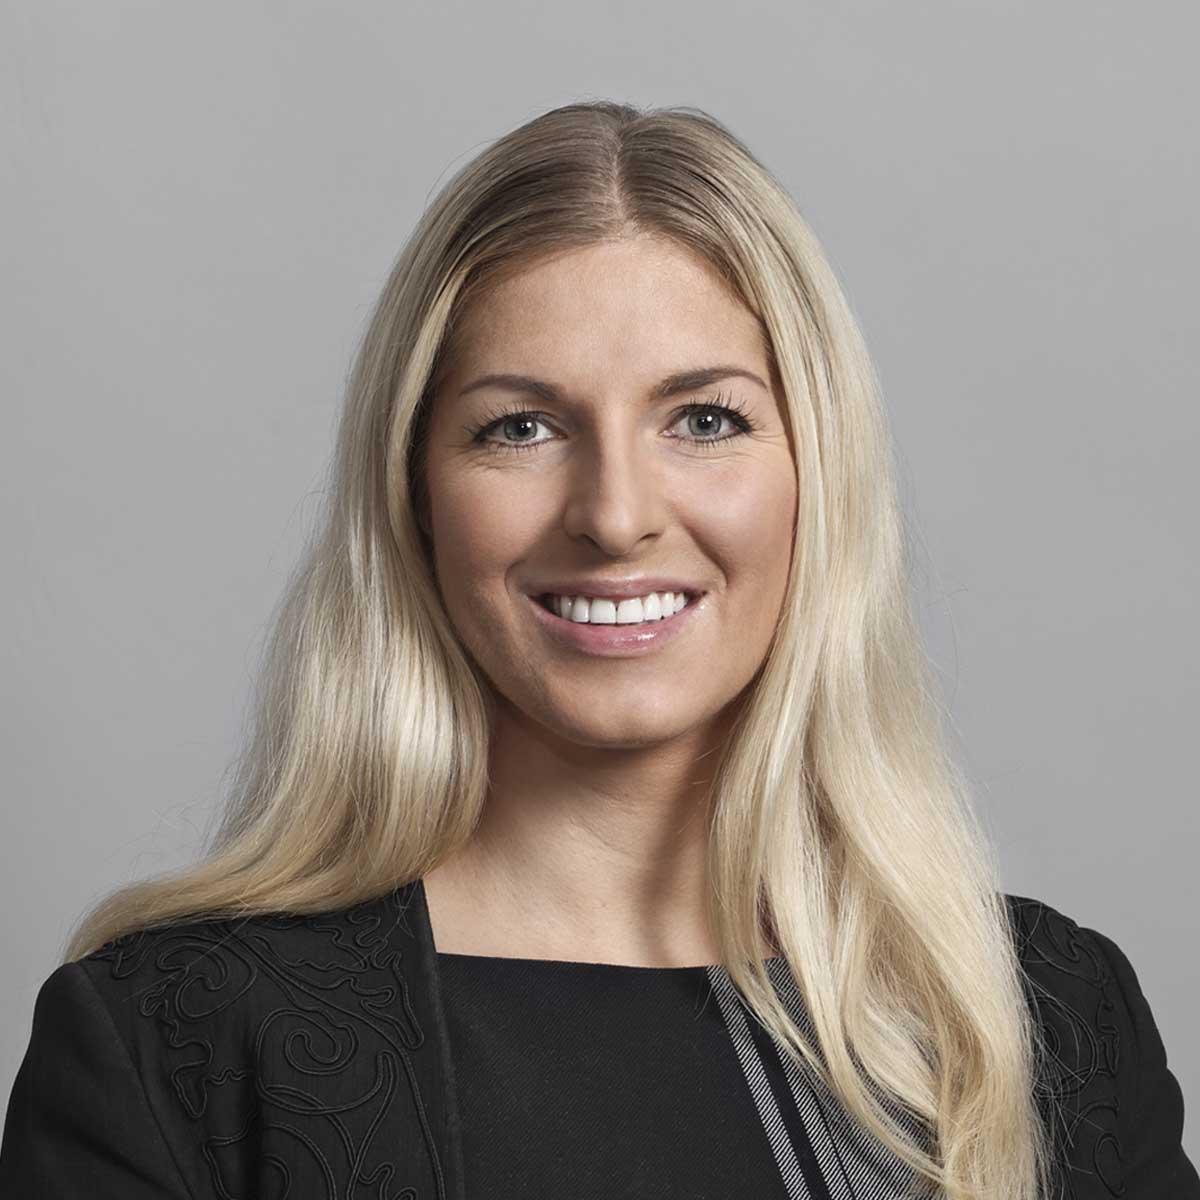 Sophia Granswed Baat